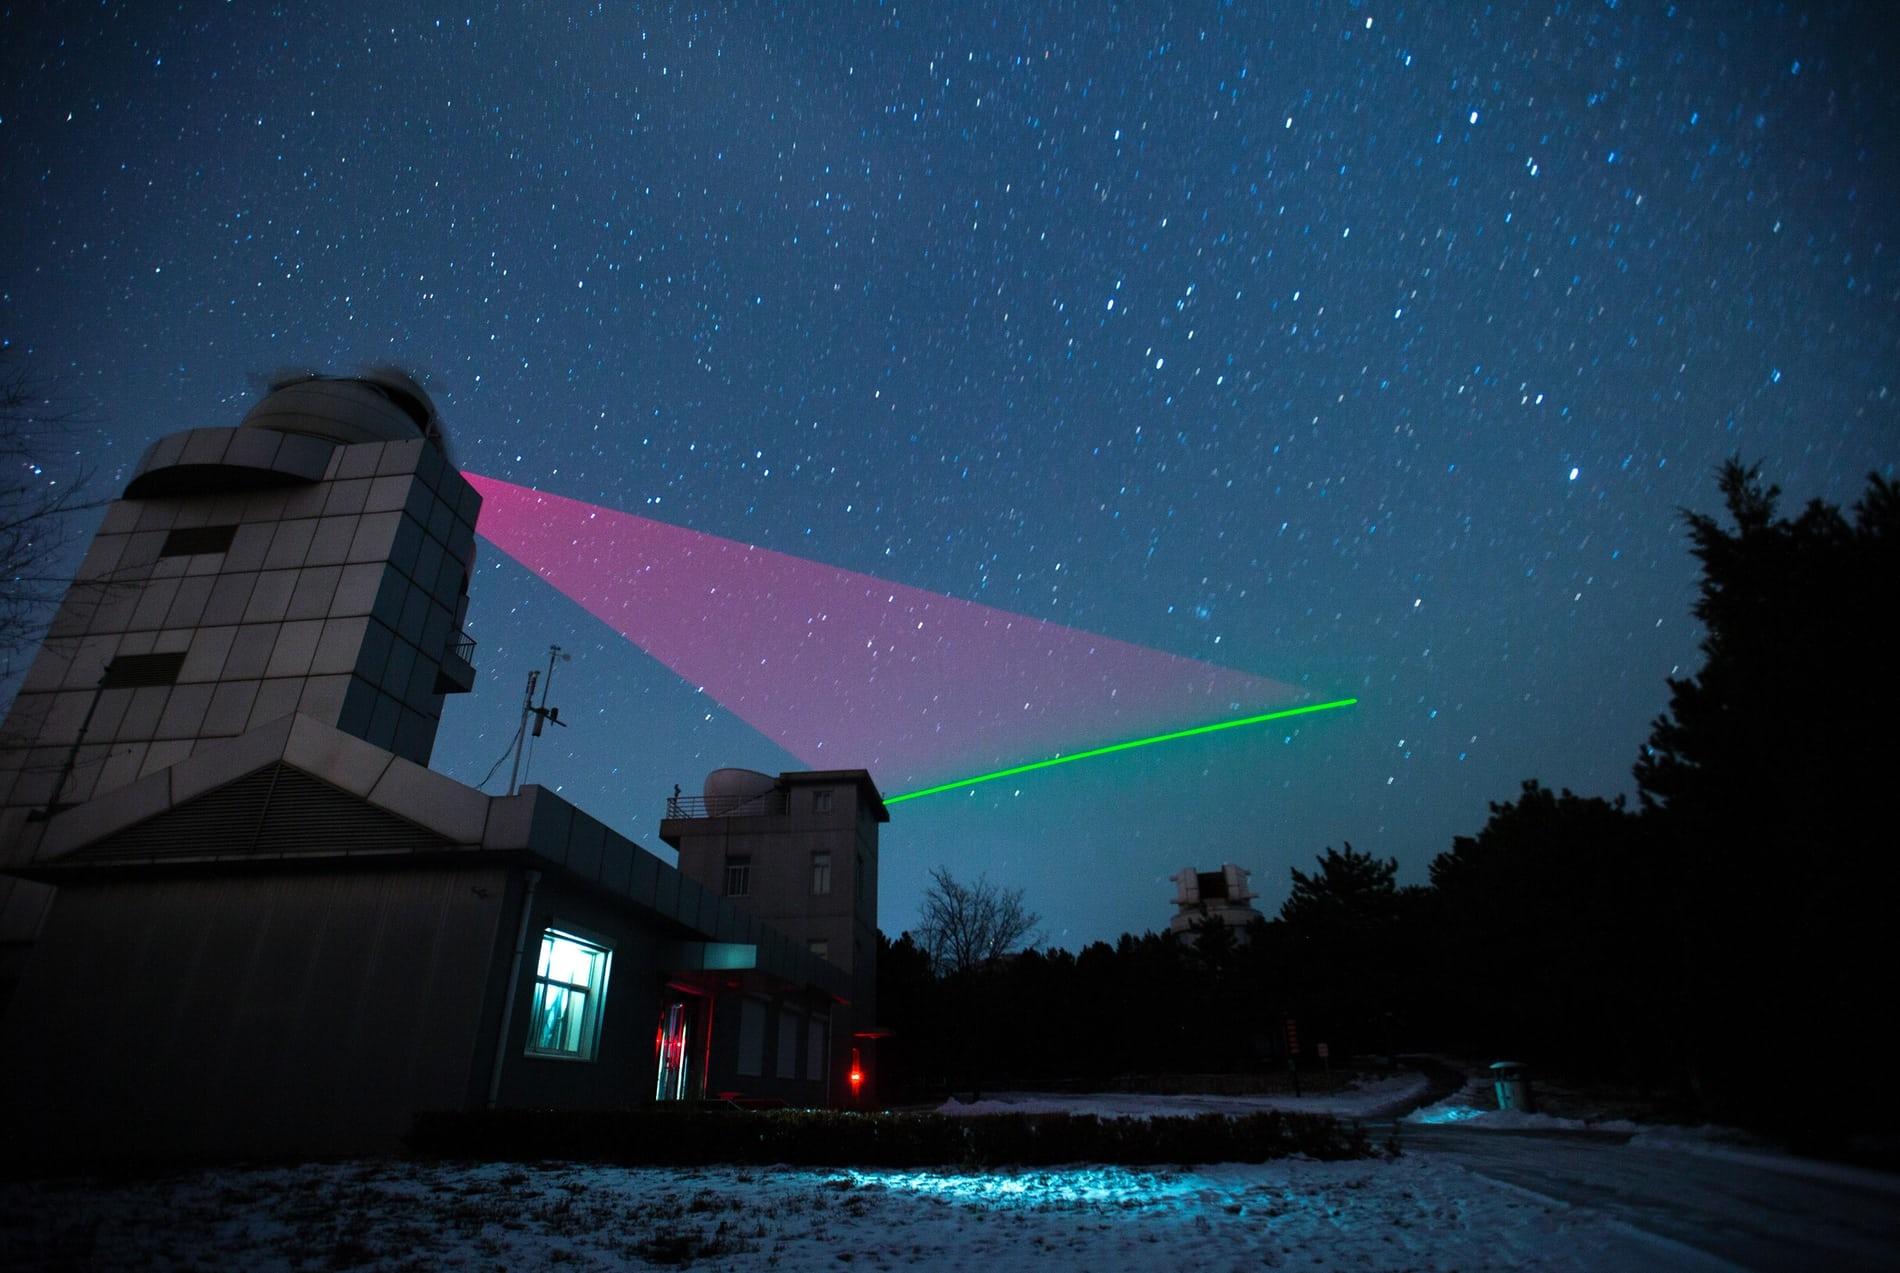 美国通过法案促进量子技术发展 与中国展开竞赛